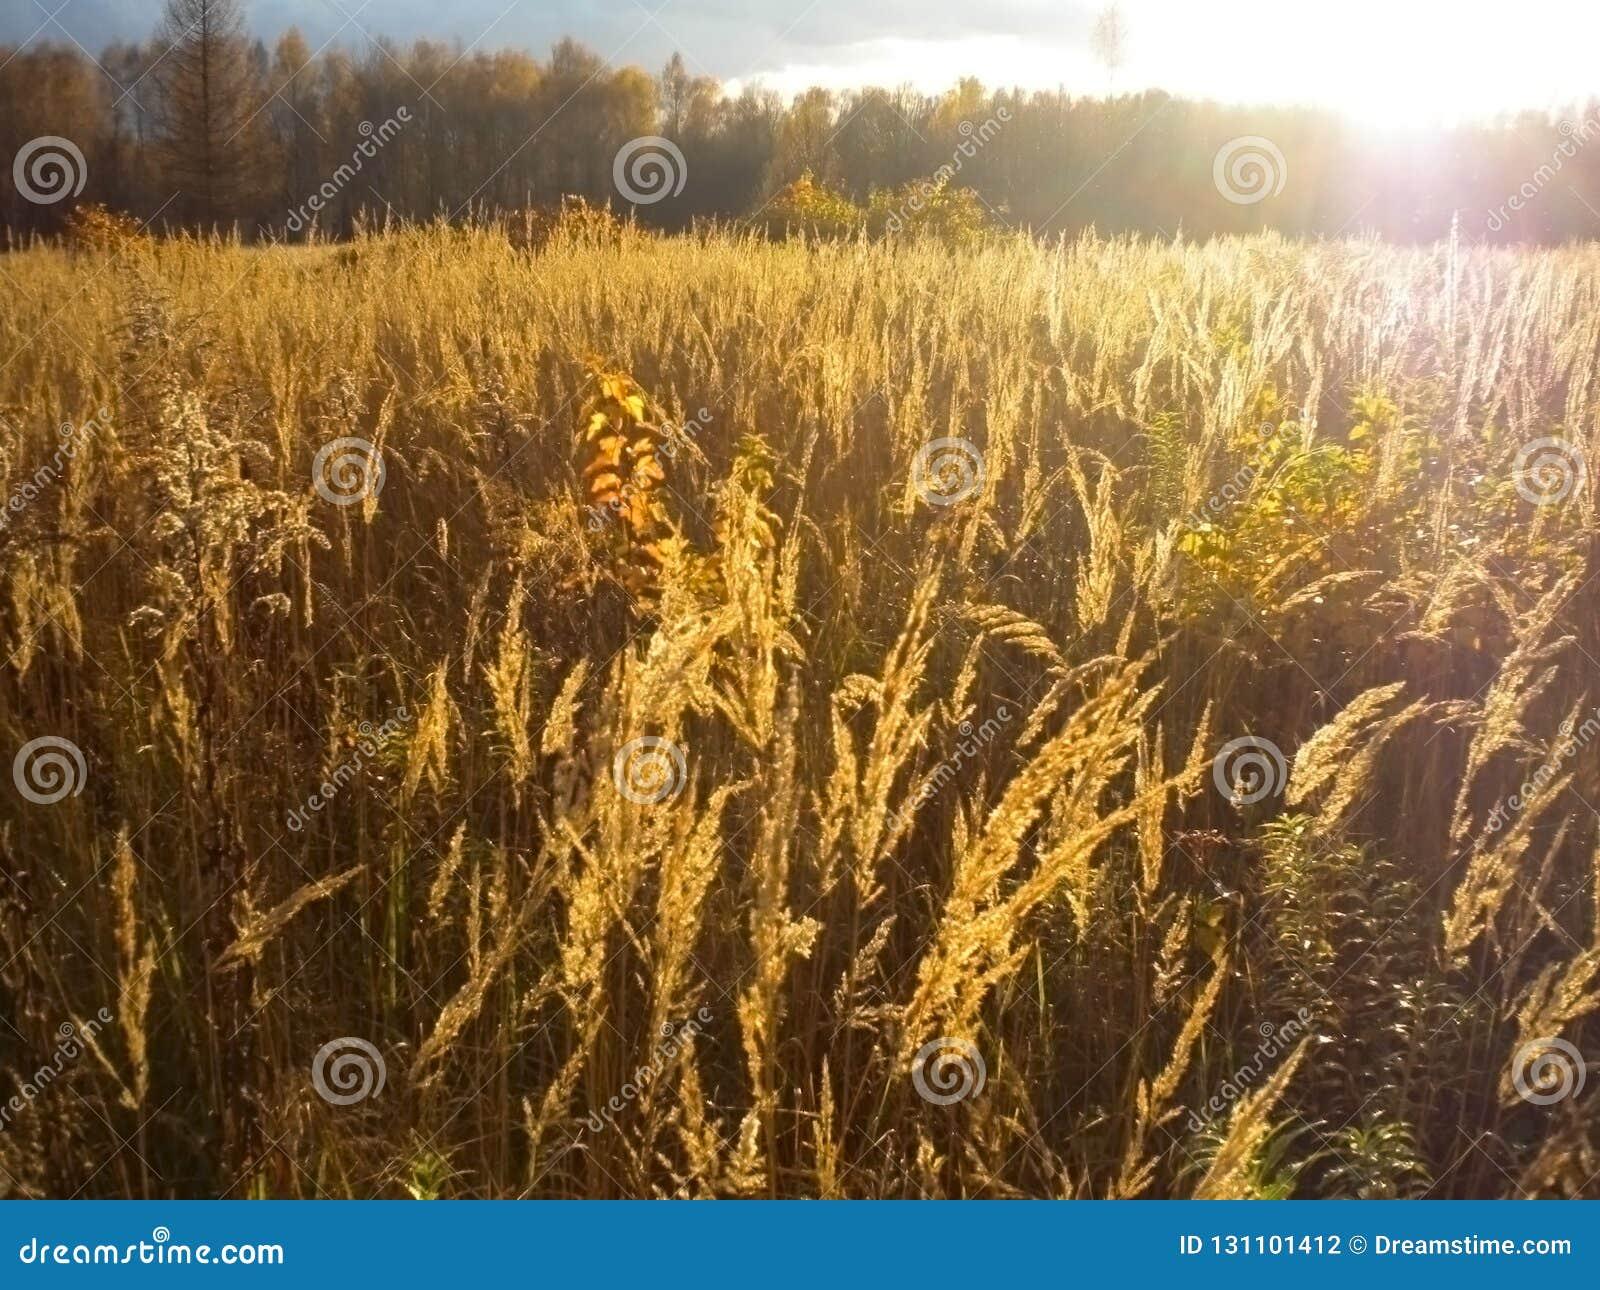 Autumn, Golden field, bright sun